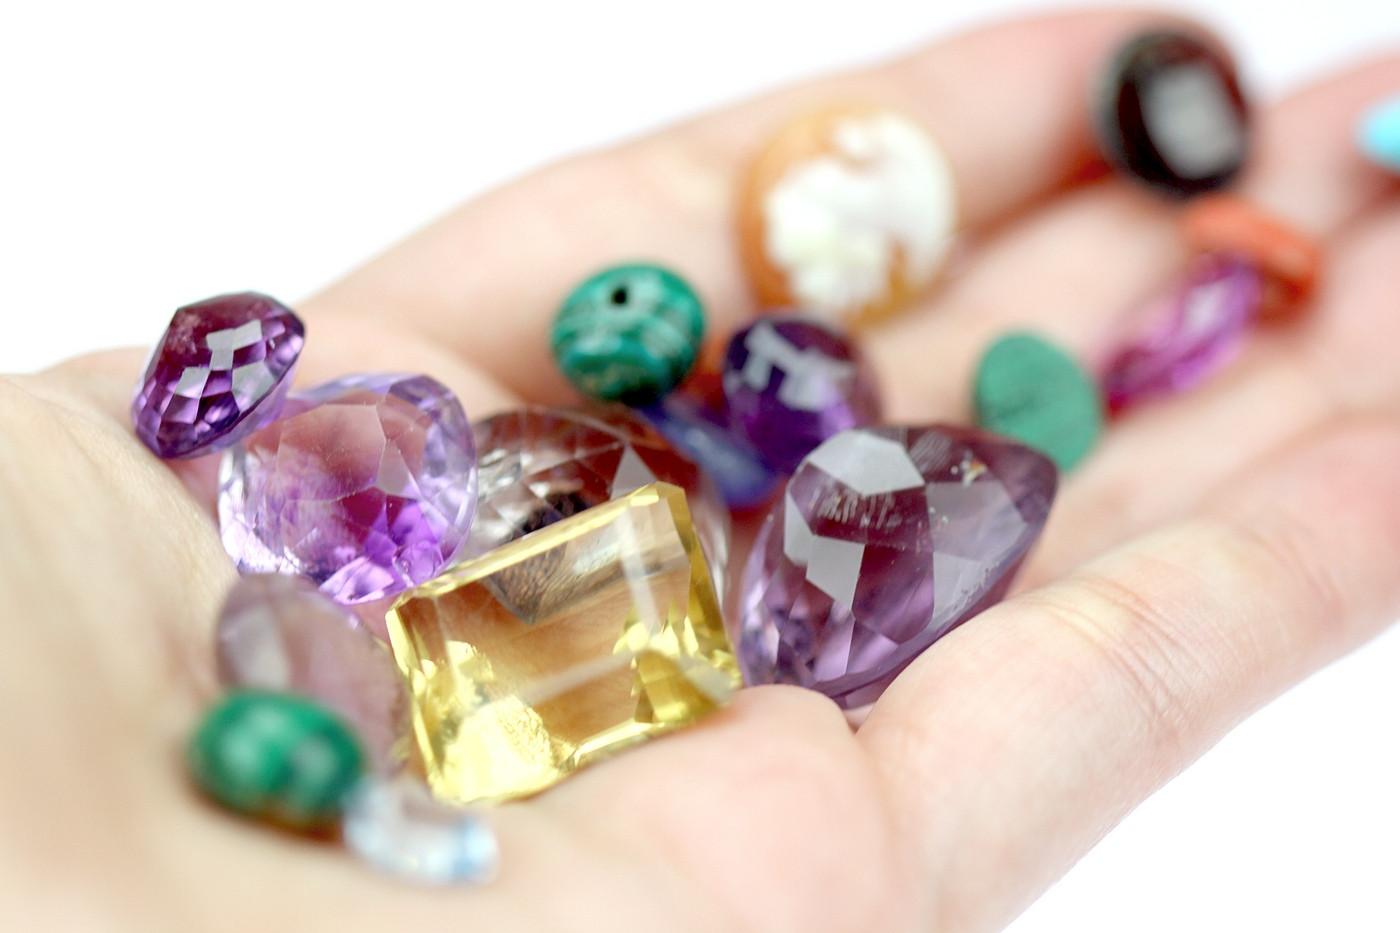 Drahokamy, polodrahokamy, nebo drahé kameny?